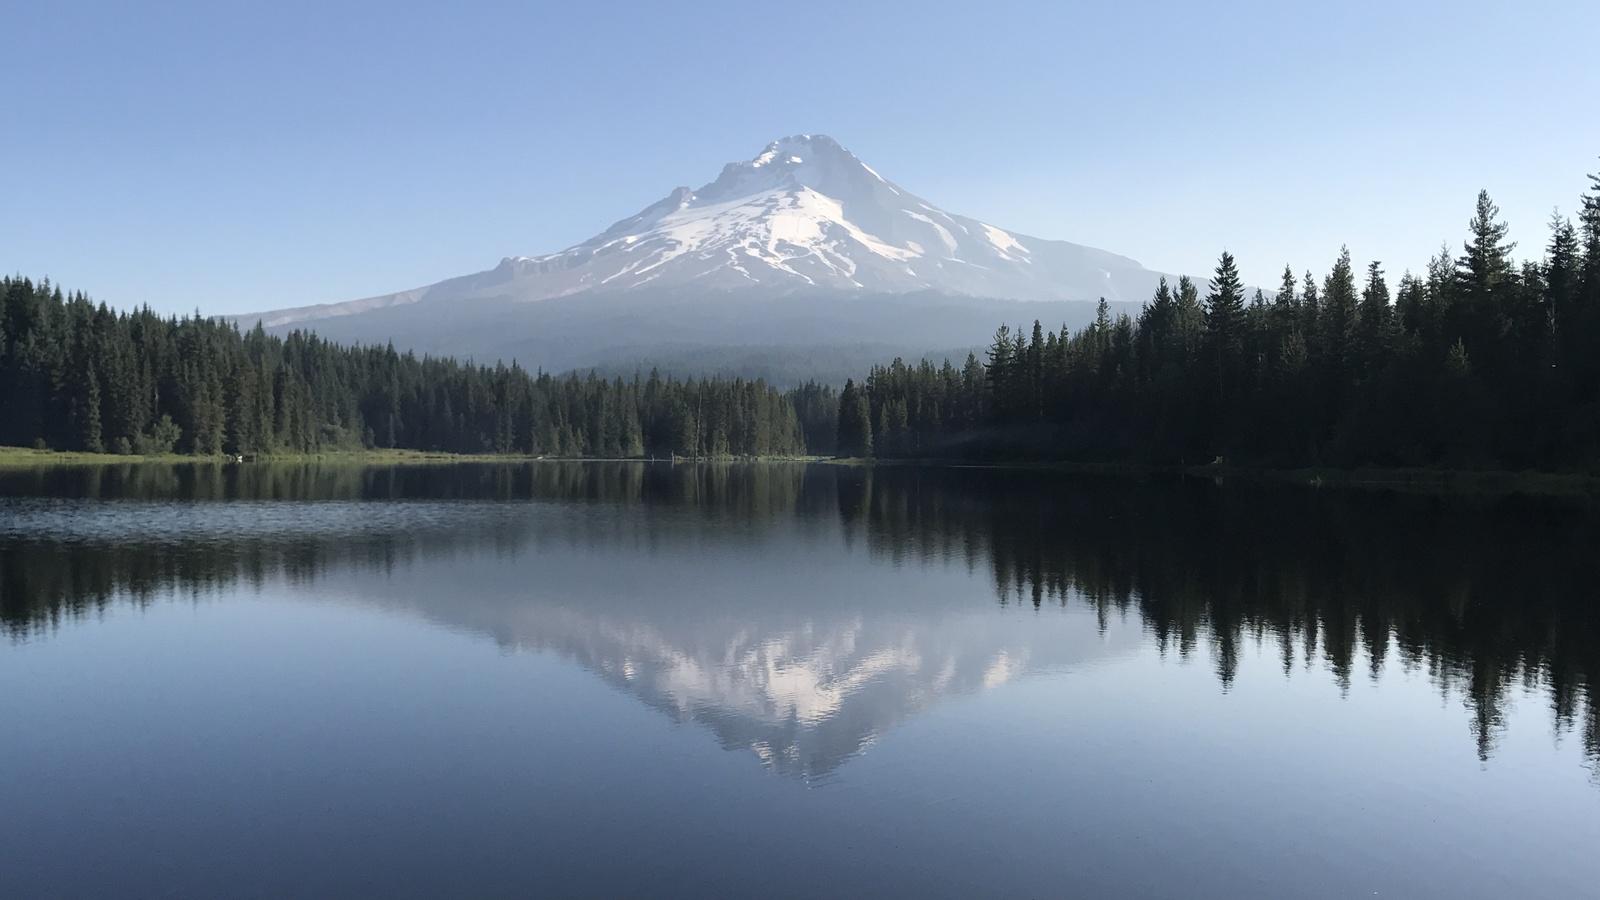 озеро, отражение, гладь, лес, горы, небо